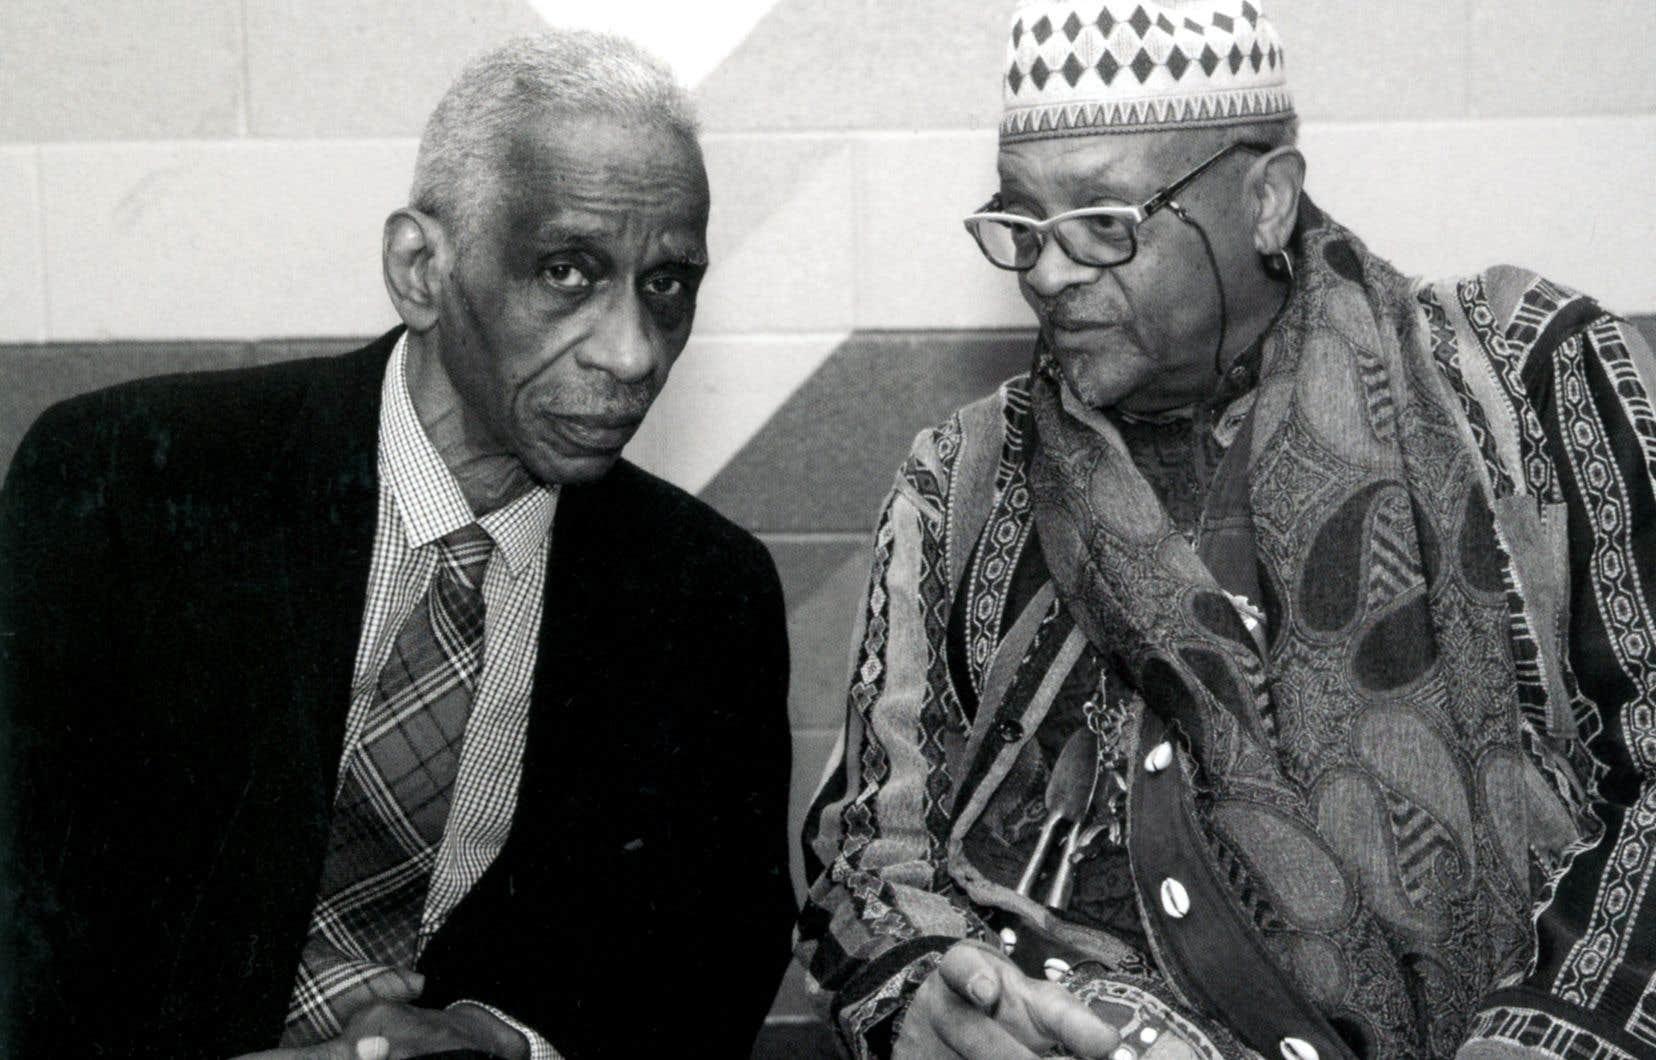 Ce que Roscoe Mitchell (à gauche), Don Moye (à droite) et leurs 16 complices proposent est au fond de la musique contemporaine rythmée par des percussions africaines.